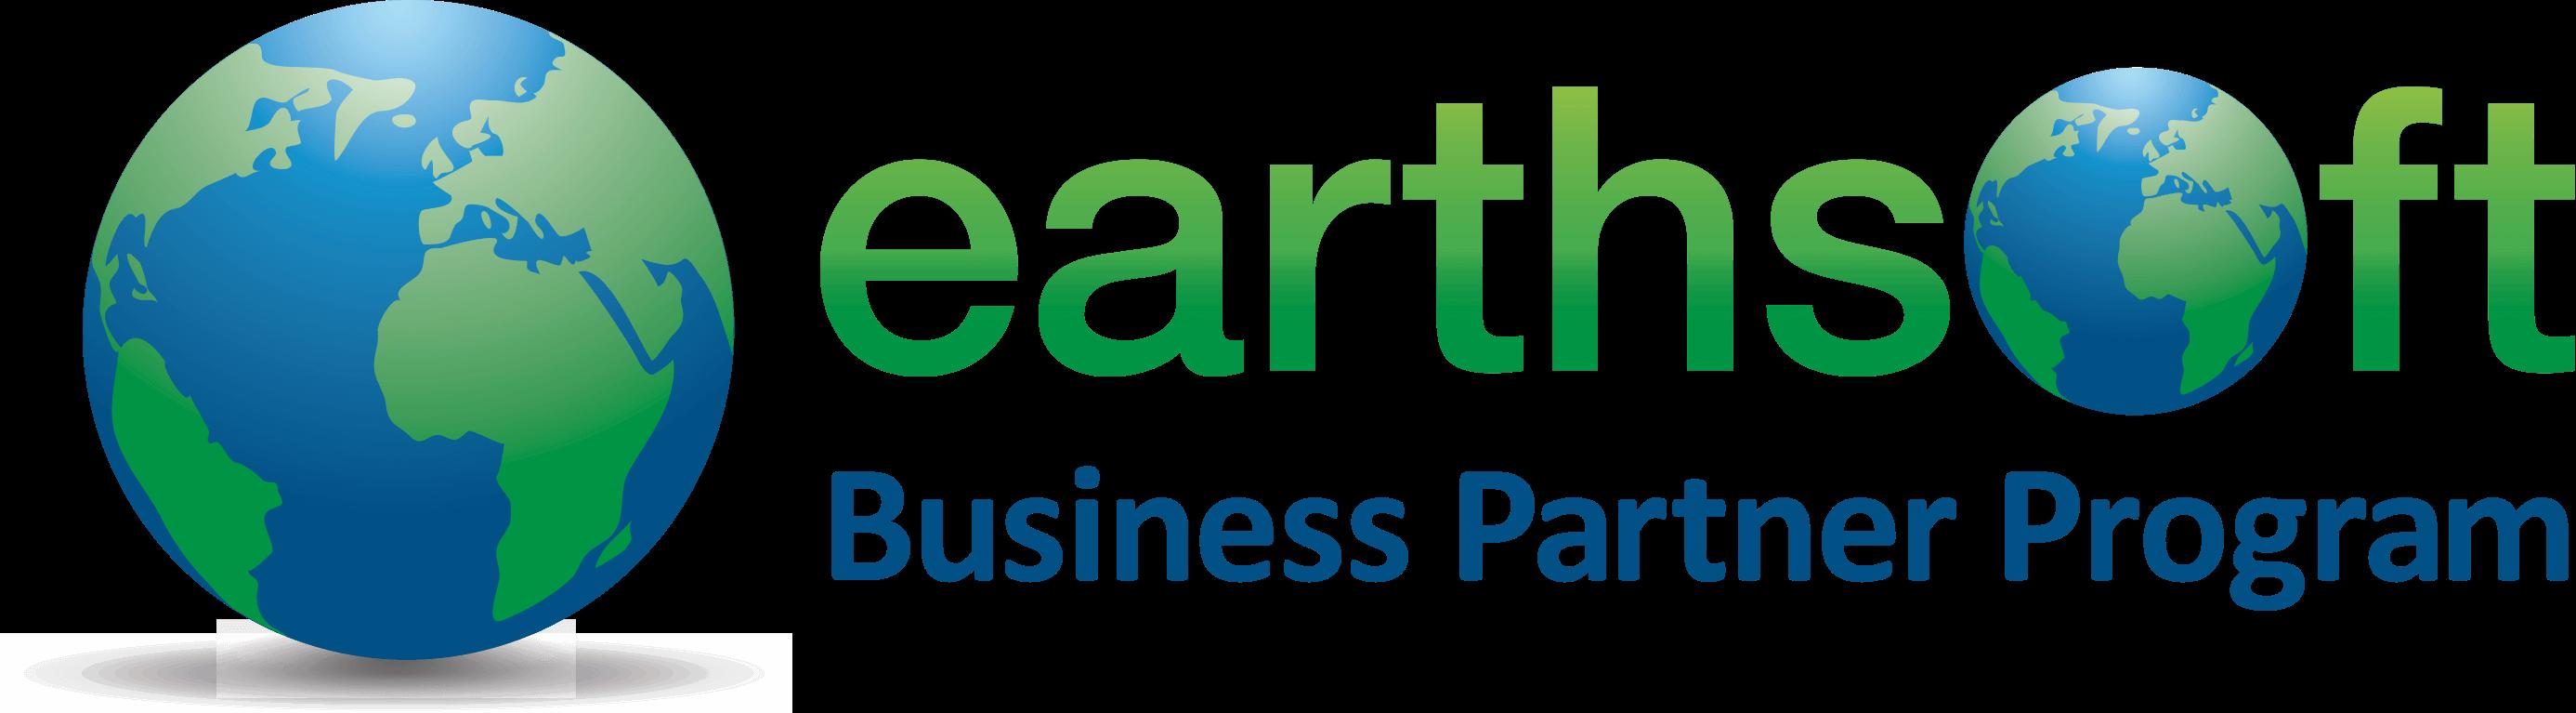 EarthSoft Business Partner Program